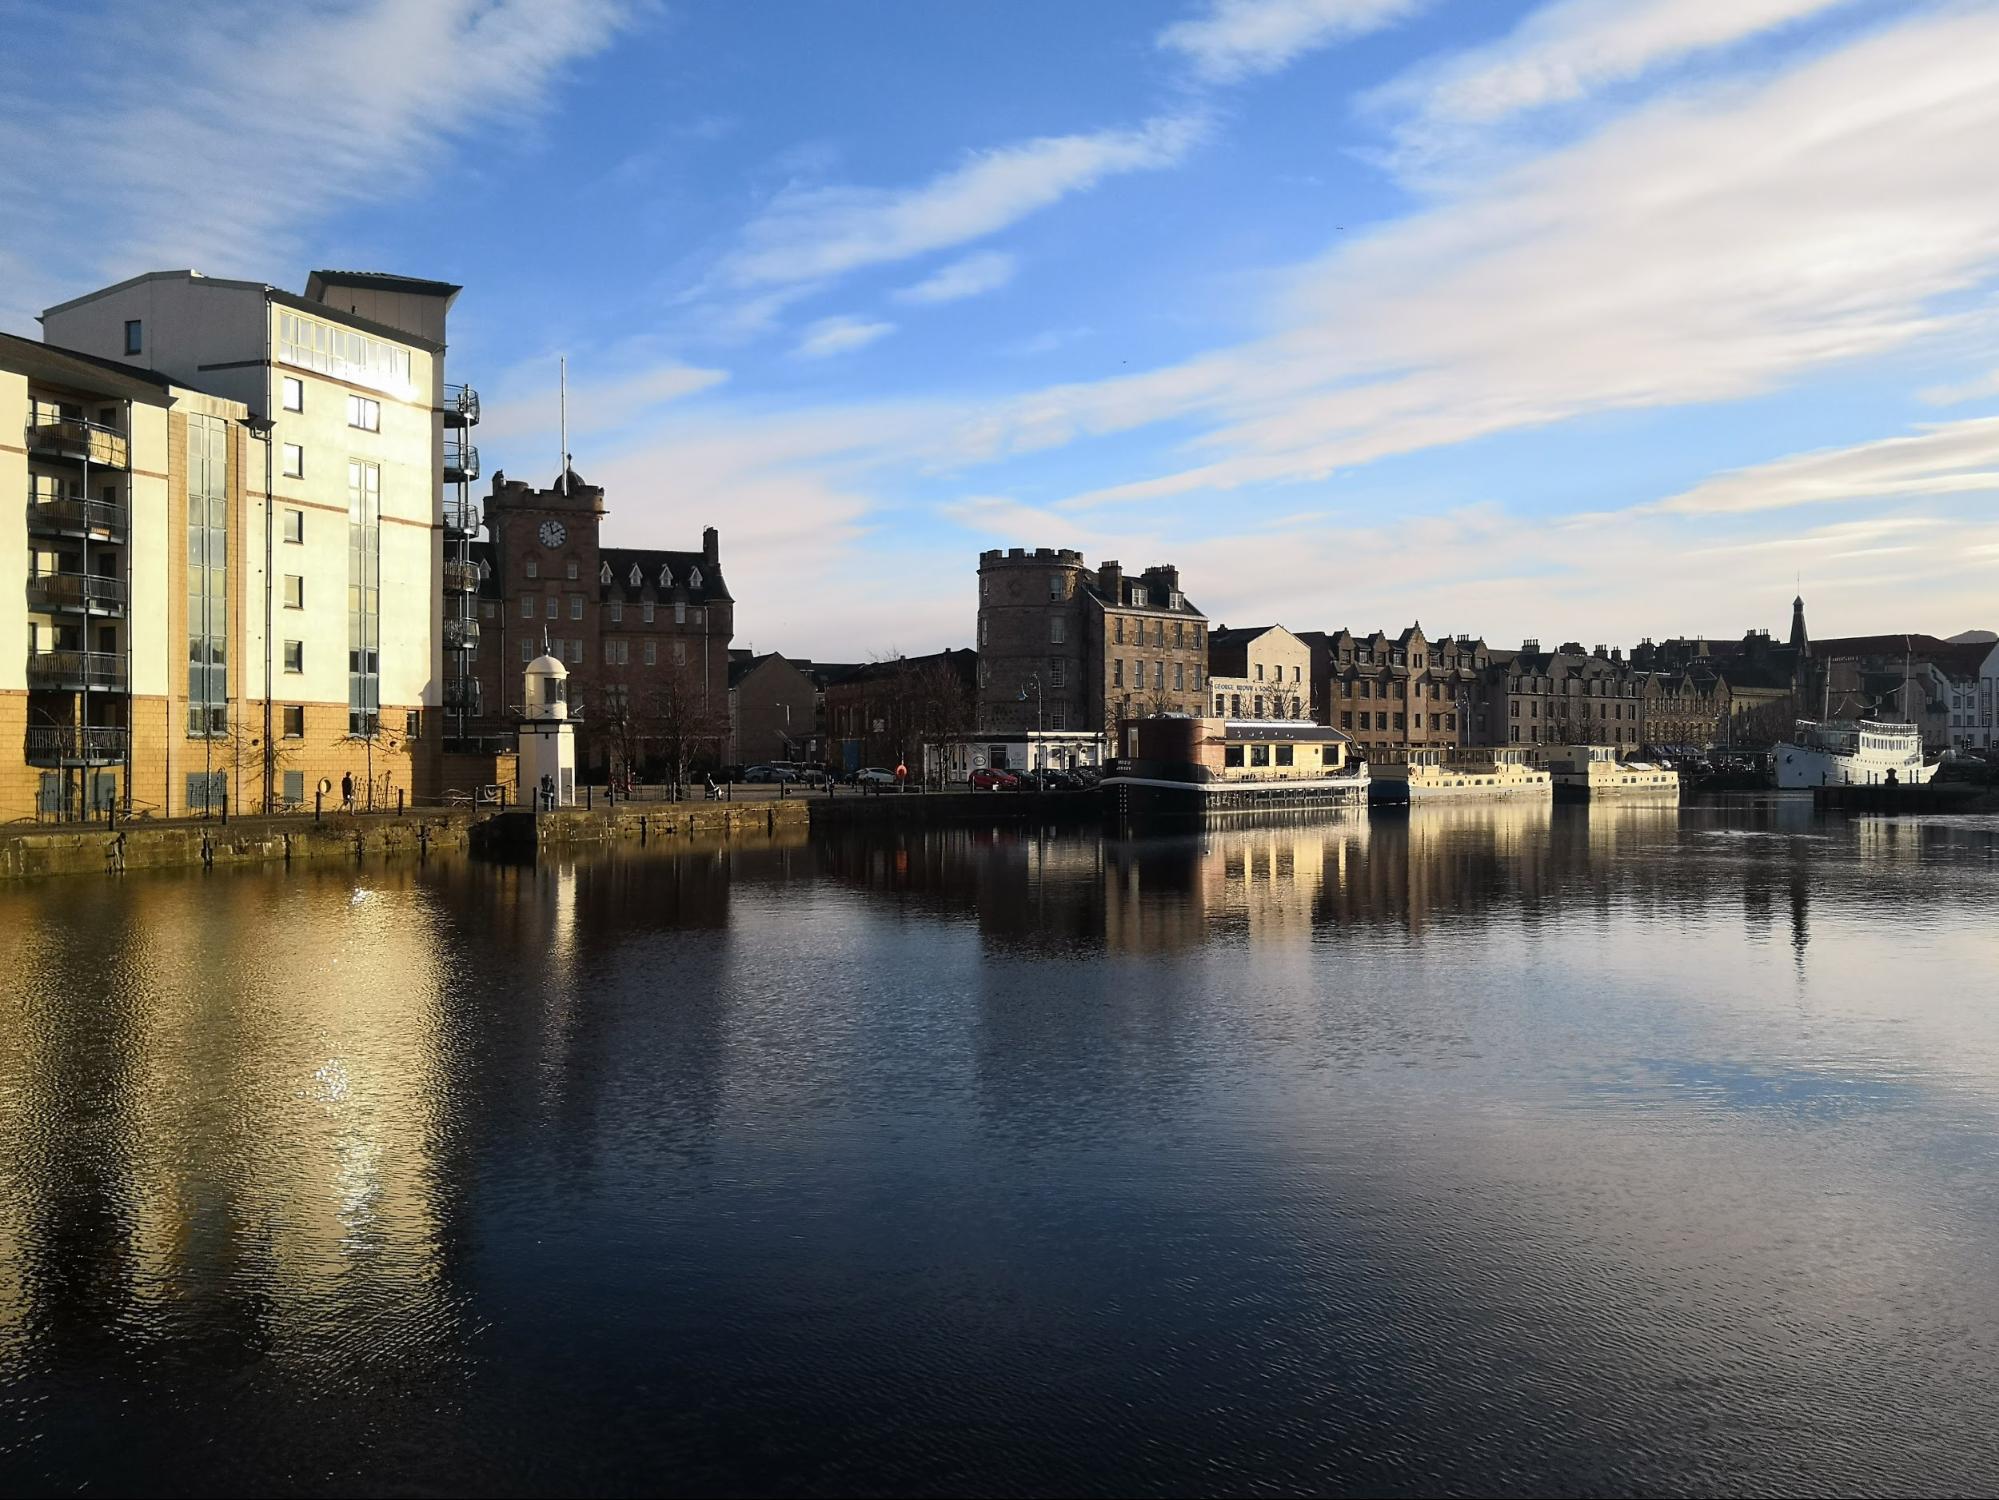 Плюсы и минусы IT-шной жизни в Шотландии - 3